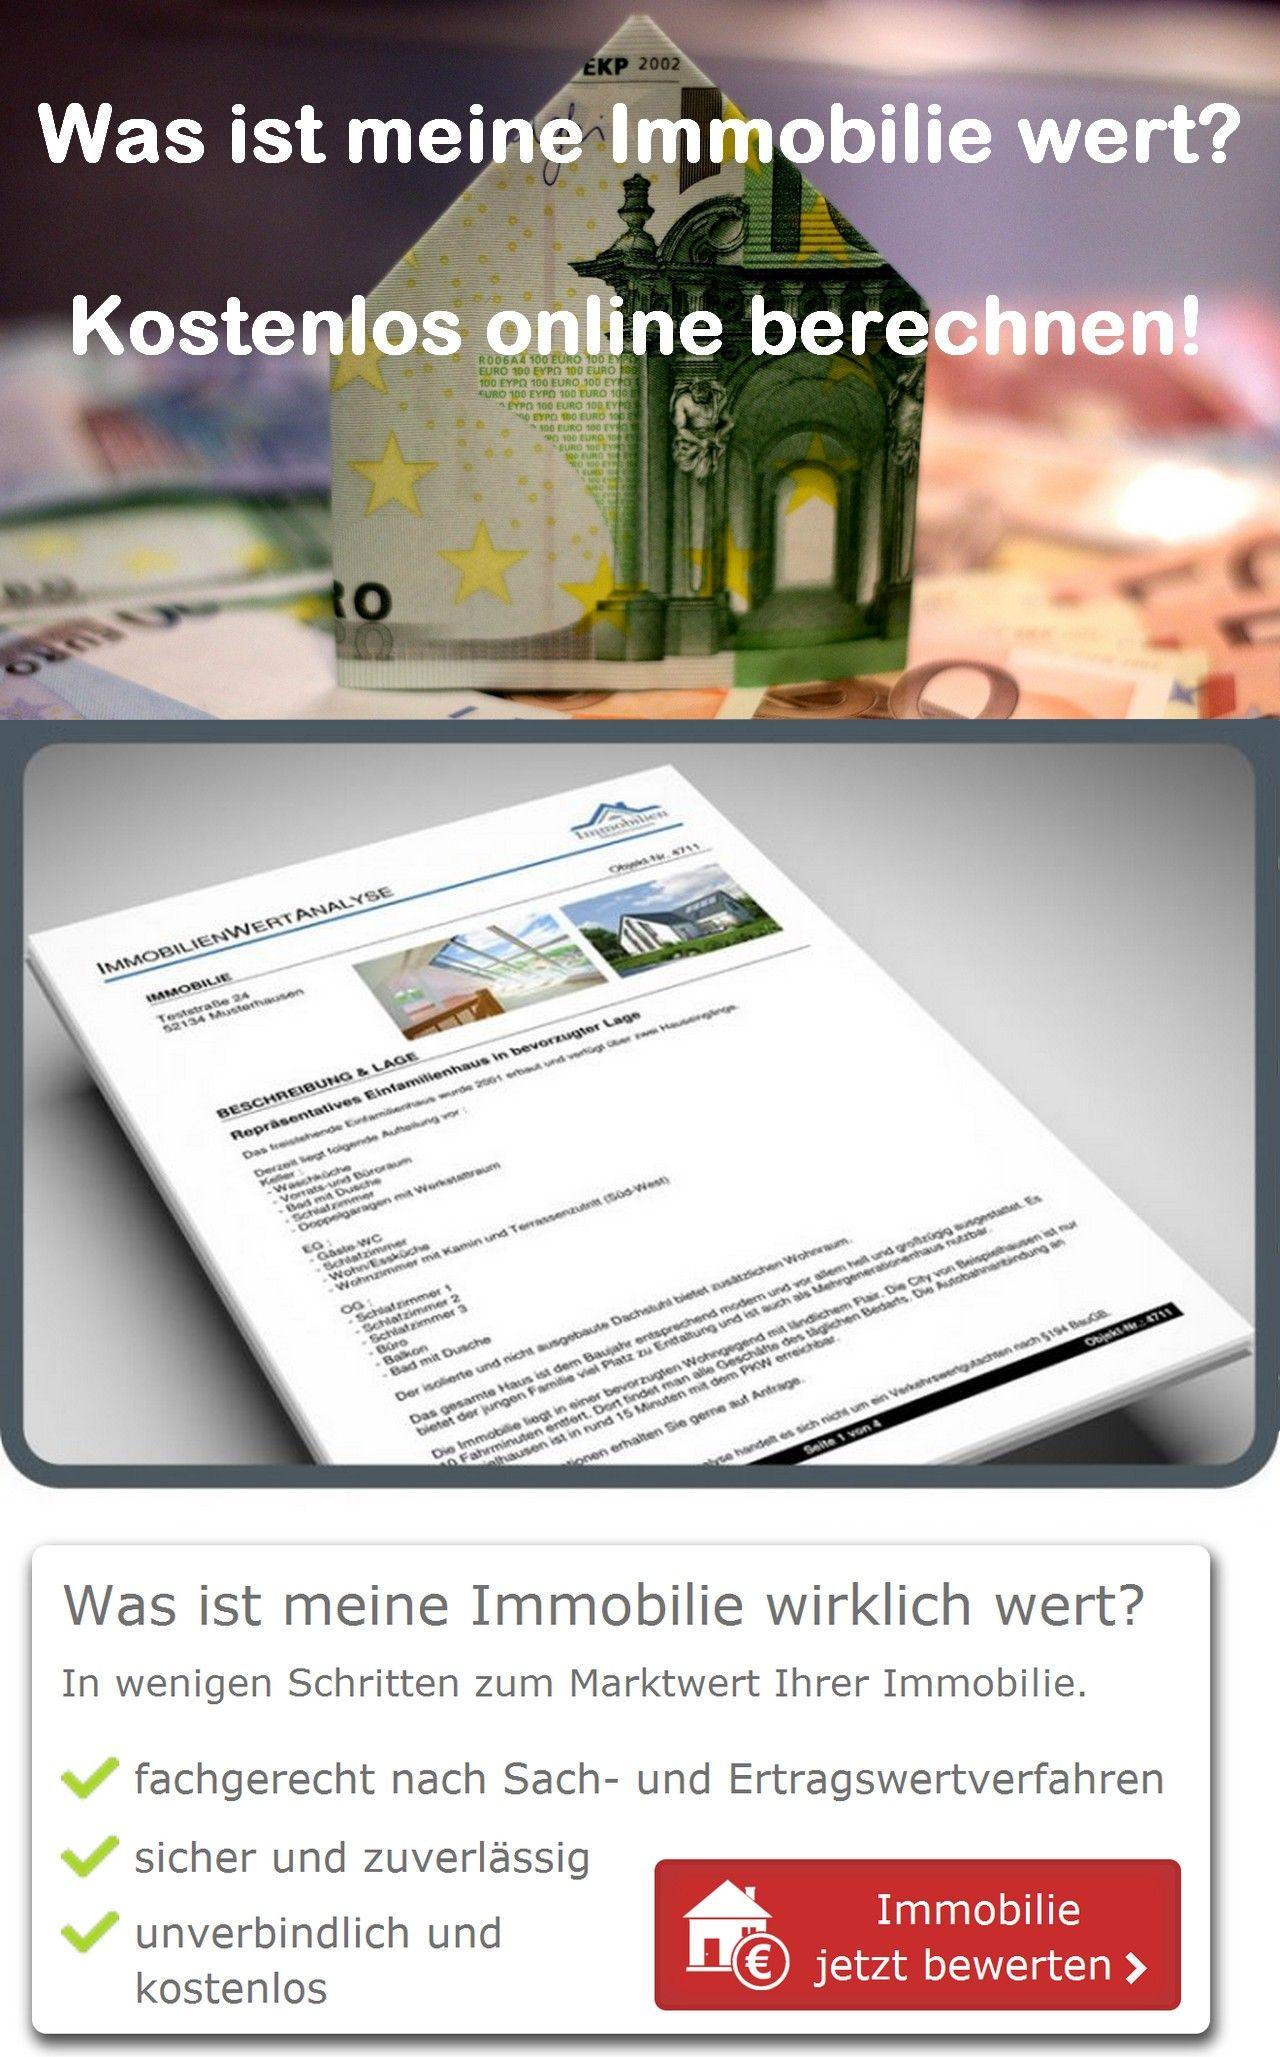 Was Ist Ihre Immobilie Haus Wohnung Grundstuck Oder Gewerbe Wert Berechnen Sie Online Und Kosten Immobilien Immobilienbewertung Gewerbeimmobilien